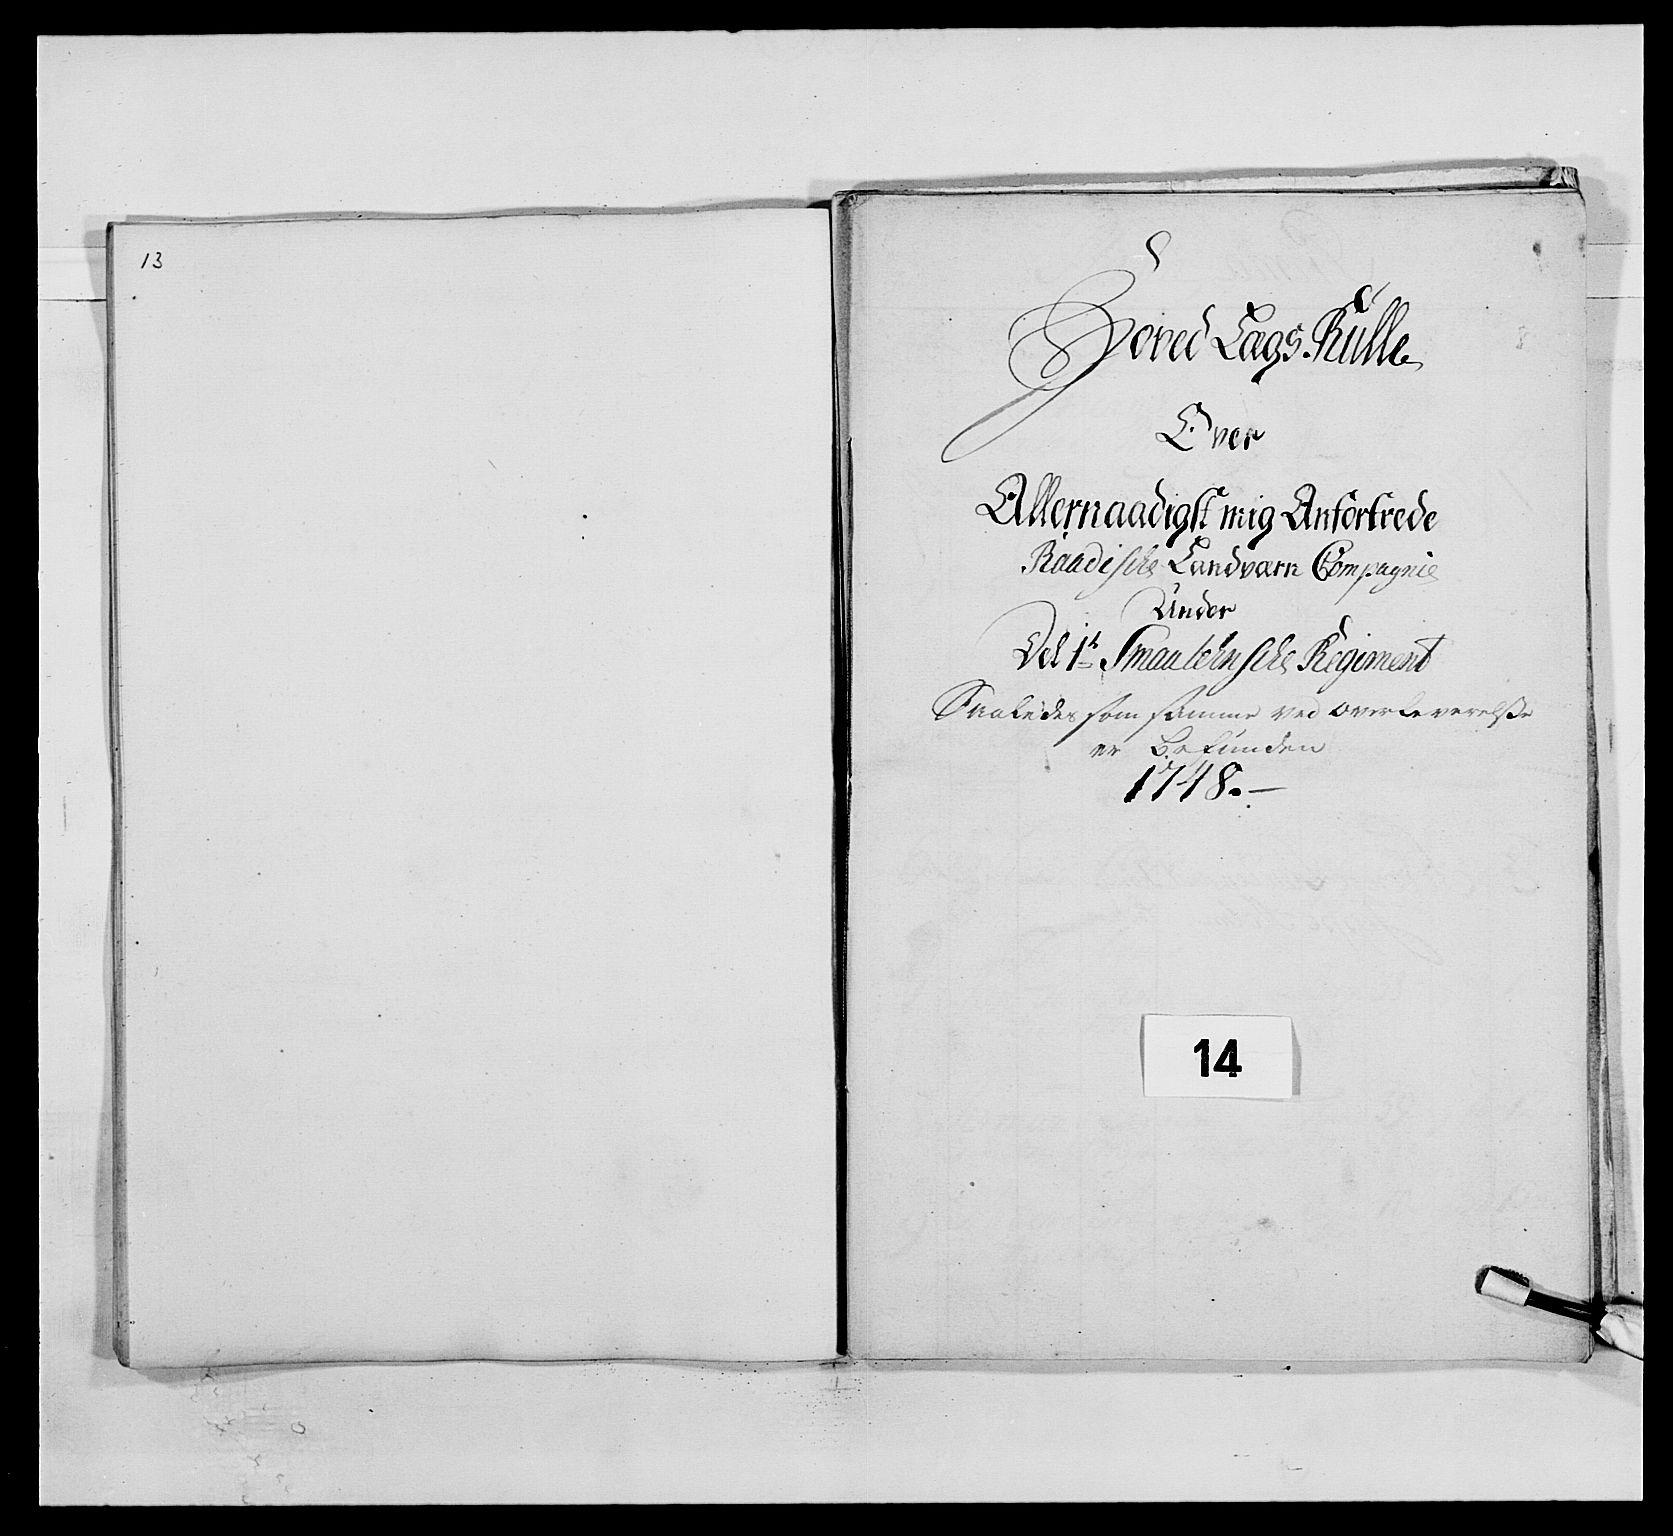 RA, Kommanderende general (KG I) med Det norske krigsdirektorium, E/Ea/L0495: 1. Smålenske regiment, 1732-1763, s. 150